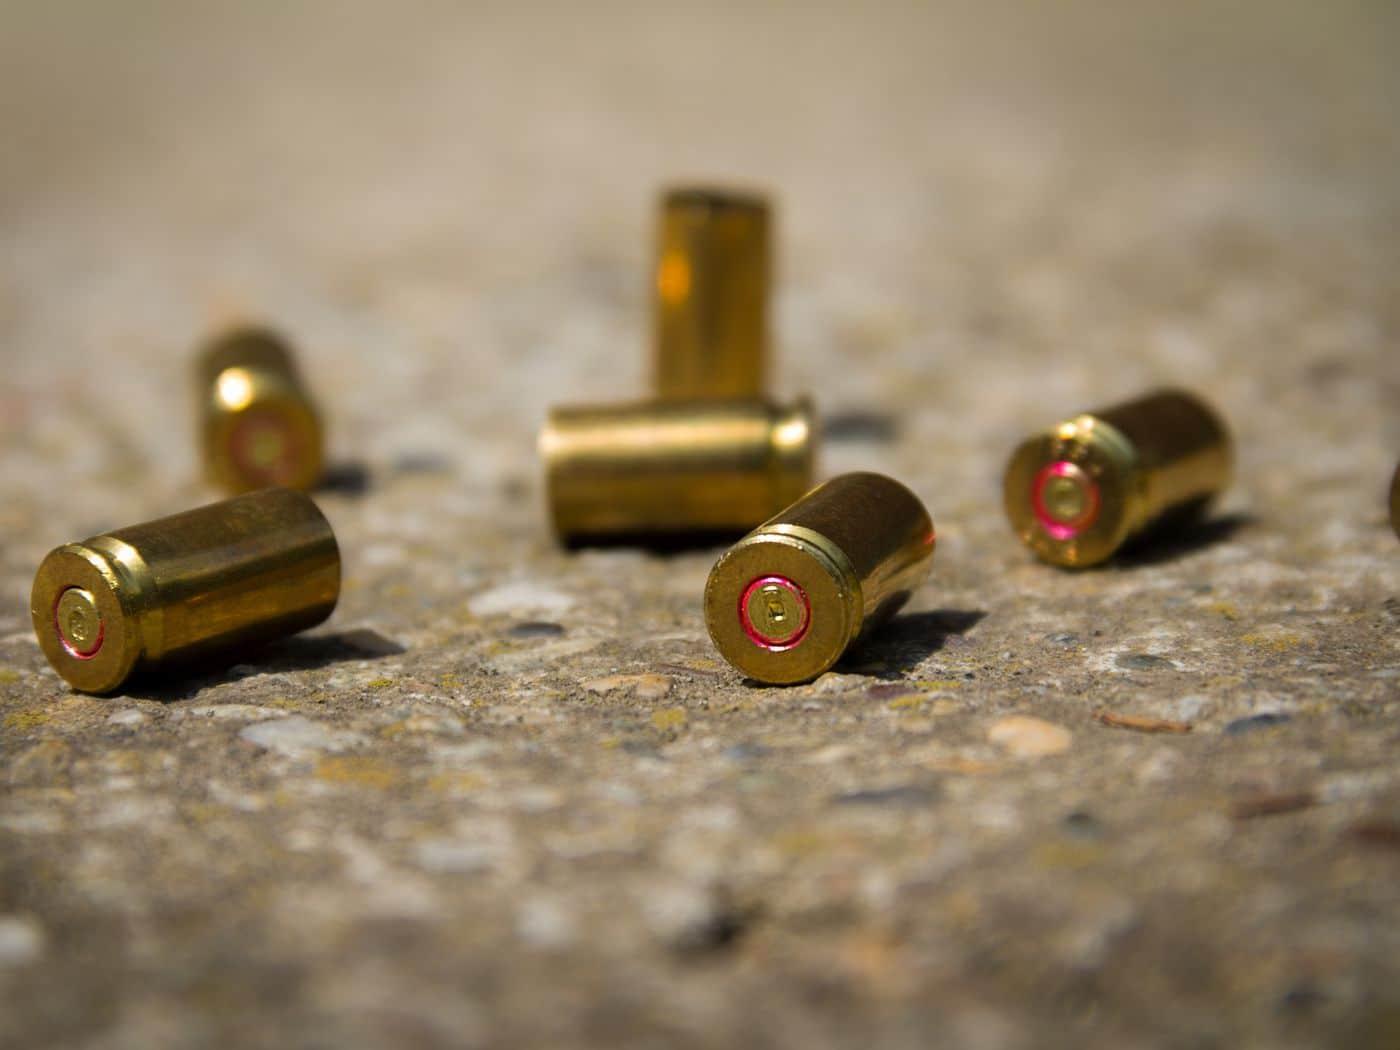 شخص يقتل 3 من أسرته في مدينة العين بدولة الإمارات